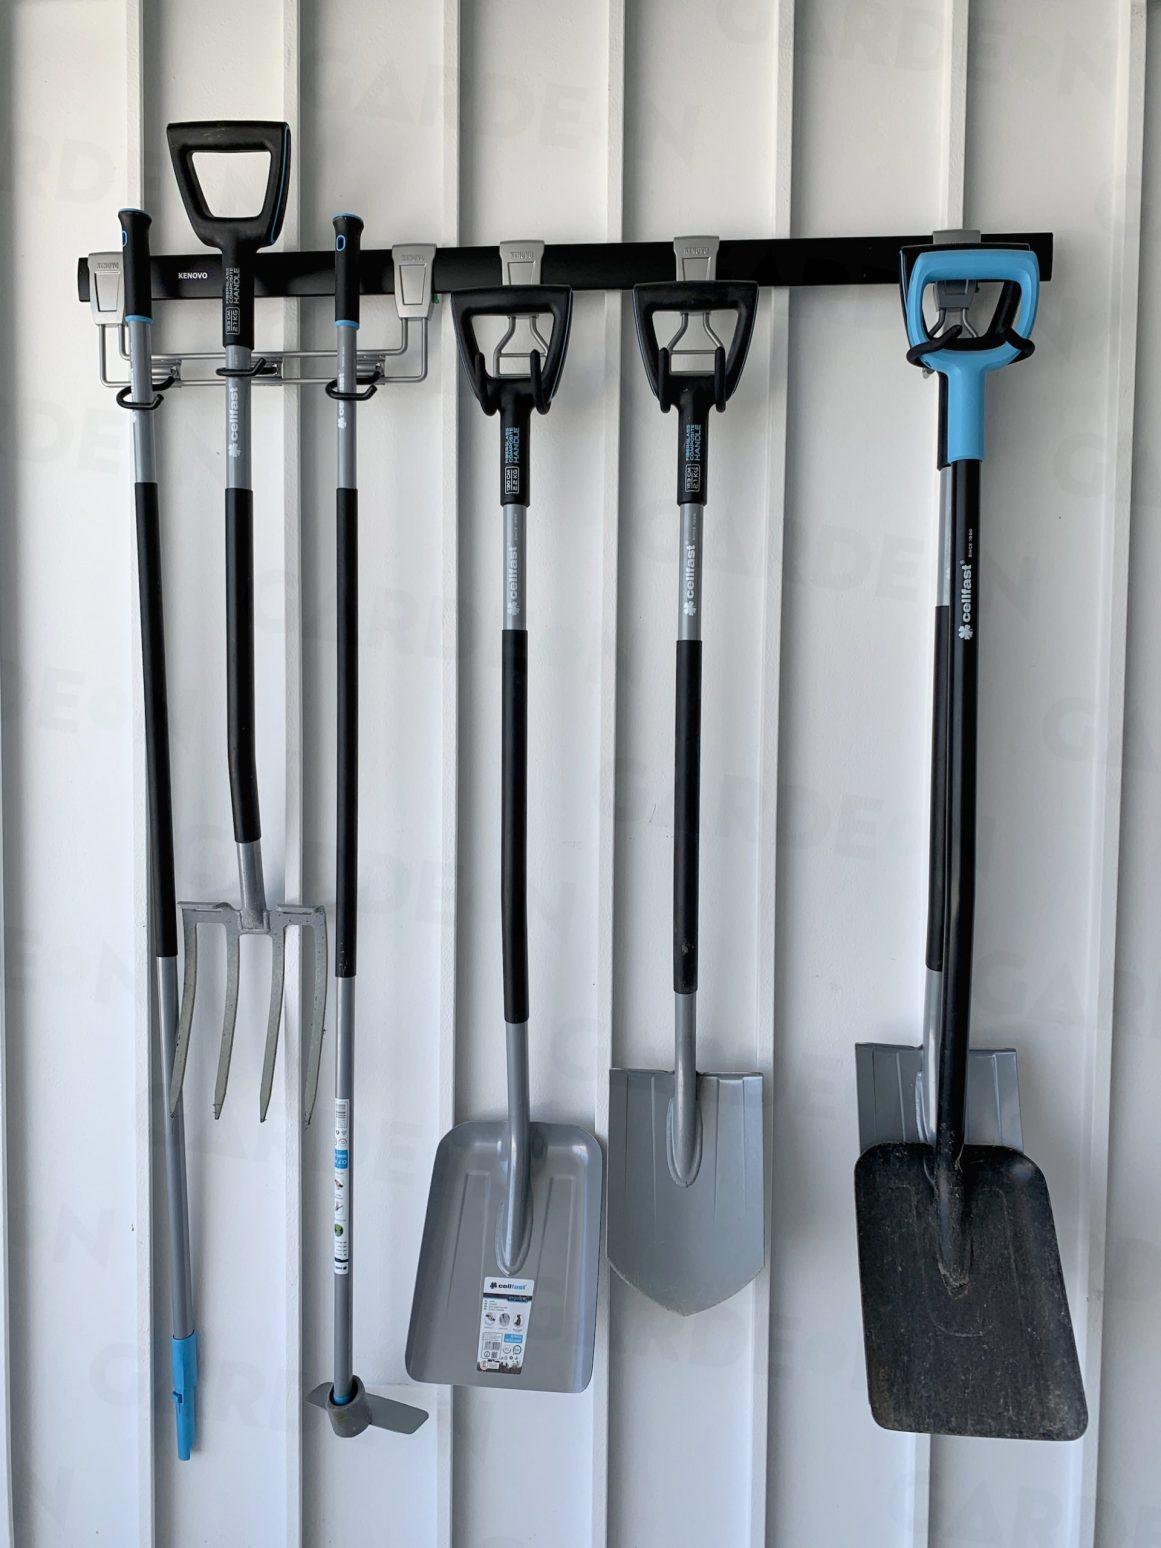 Aufhängungshaken für Ihr Werkzeug